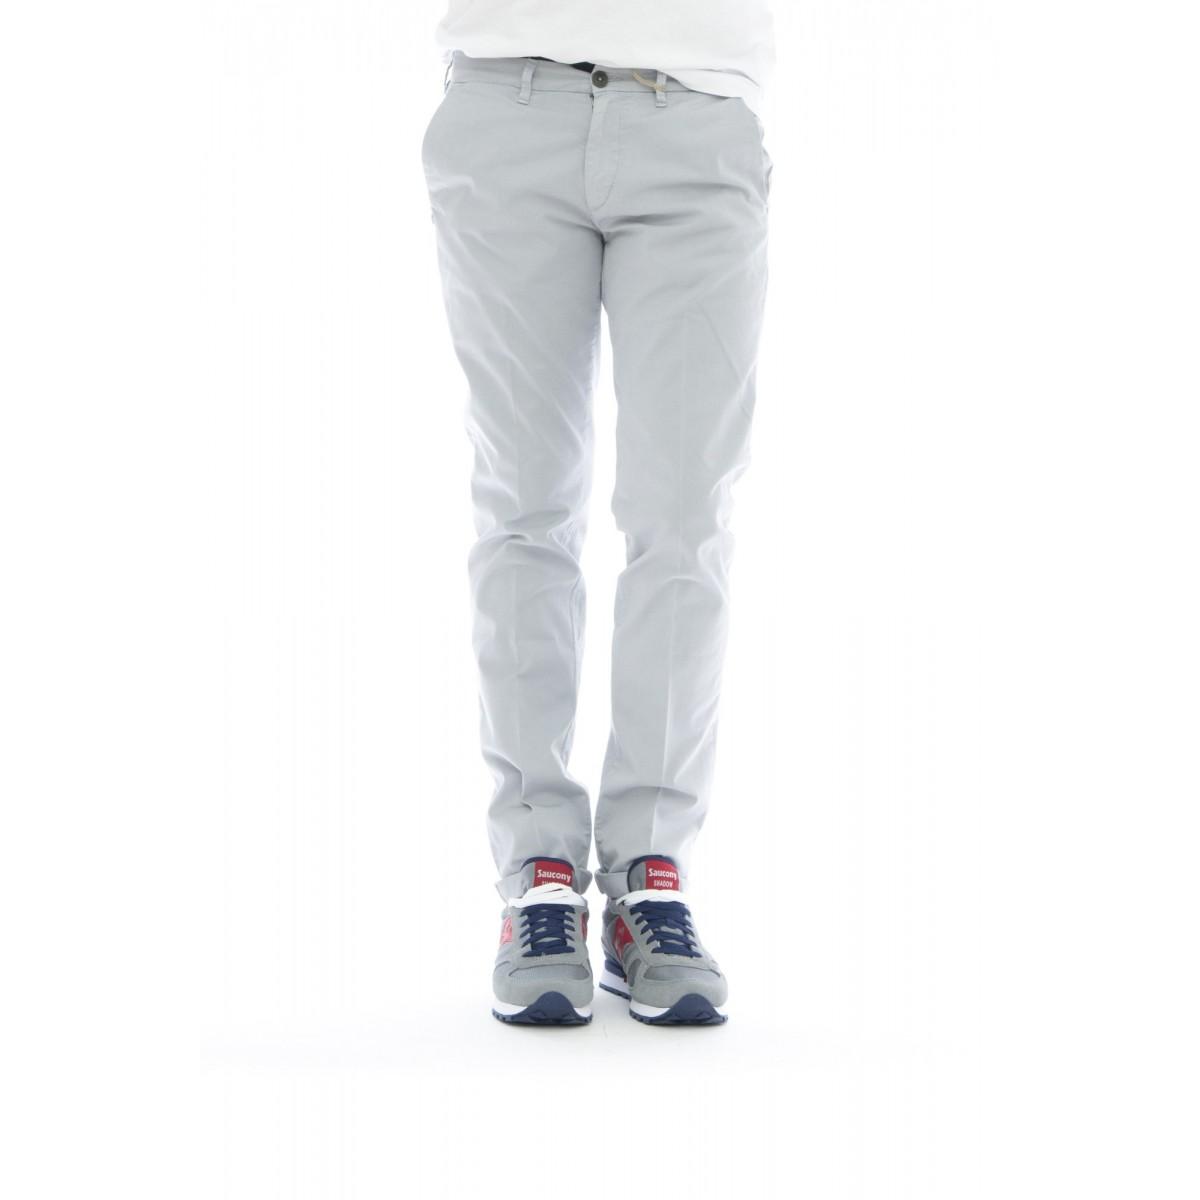 Pantalone uomo - Lenny 1065 gabardina strech